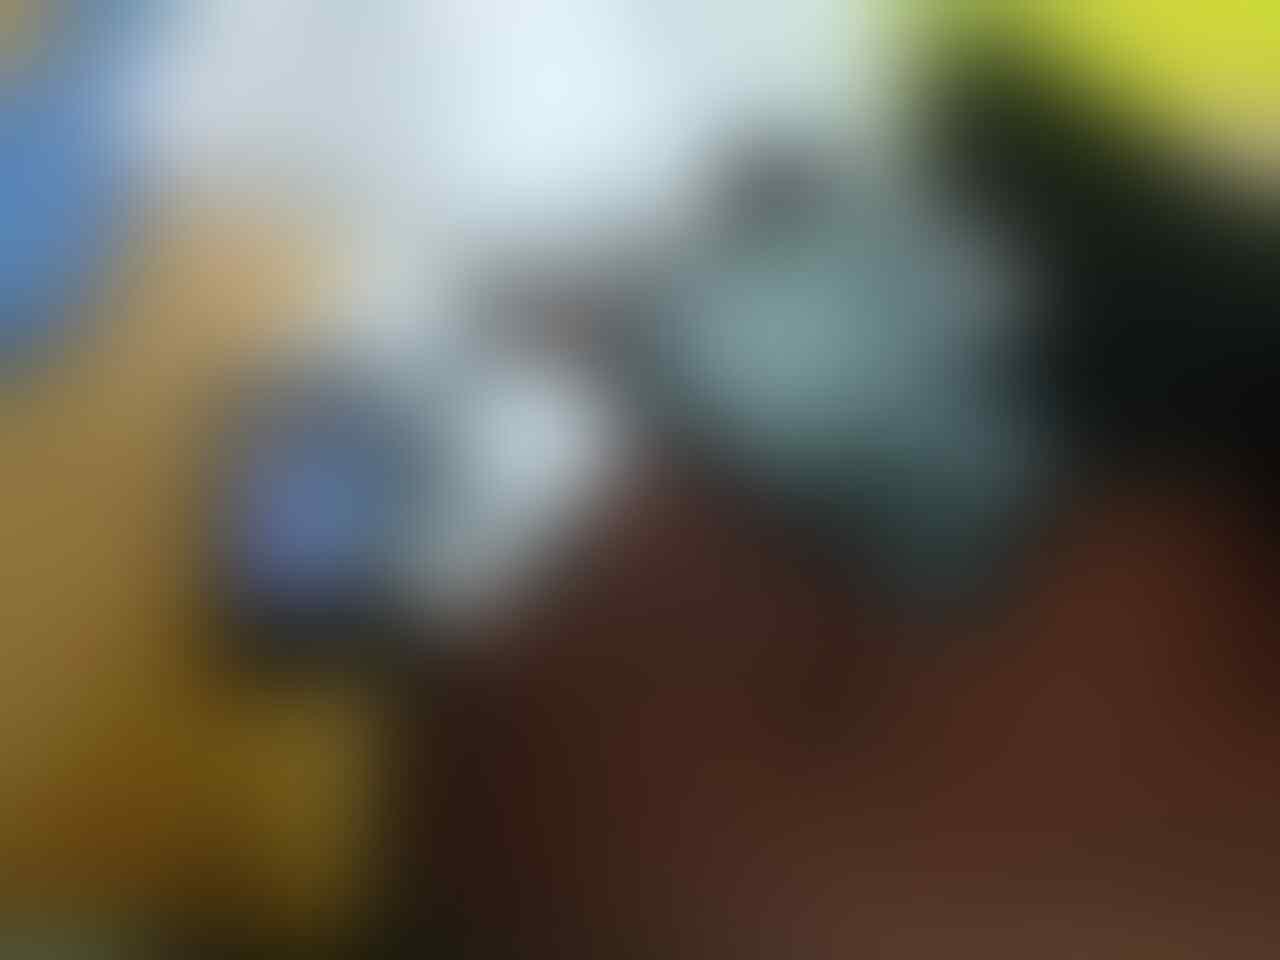 Sony Ericsson CK13 / BNIB - GRS RESMI - BENER NEH MURAH dr SKEDUSH